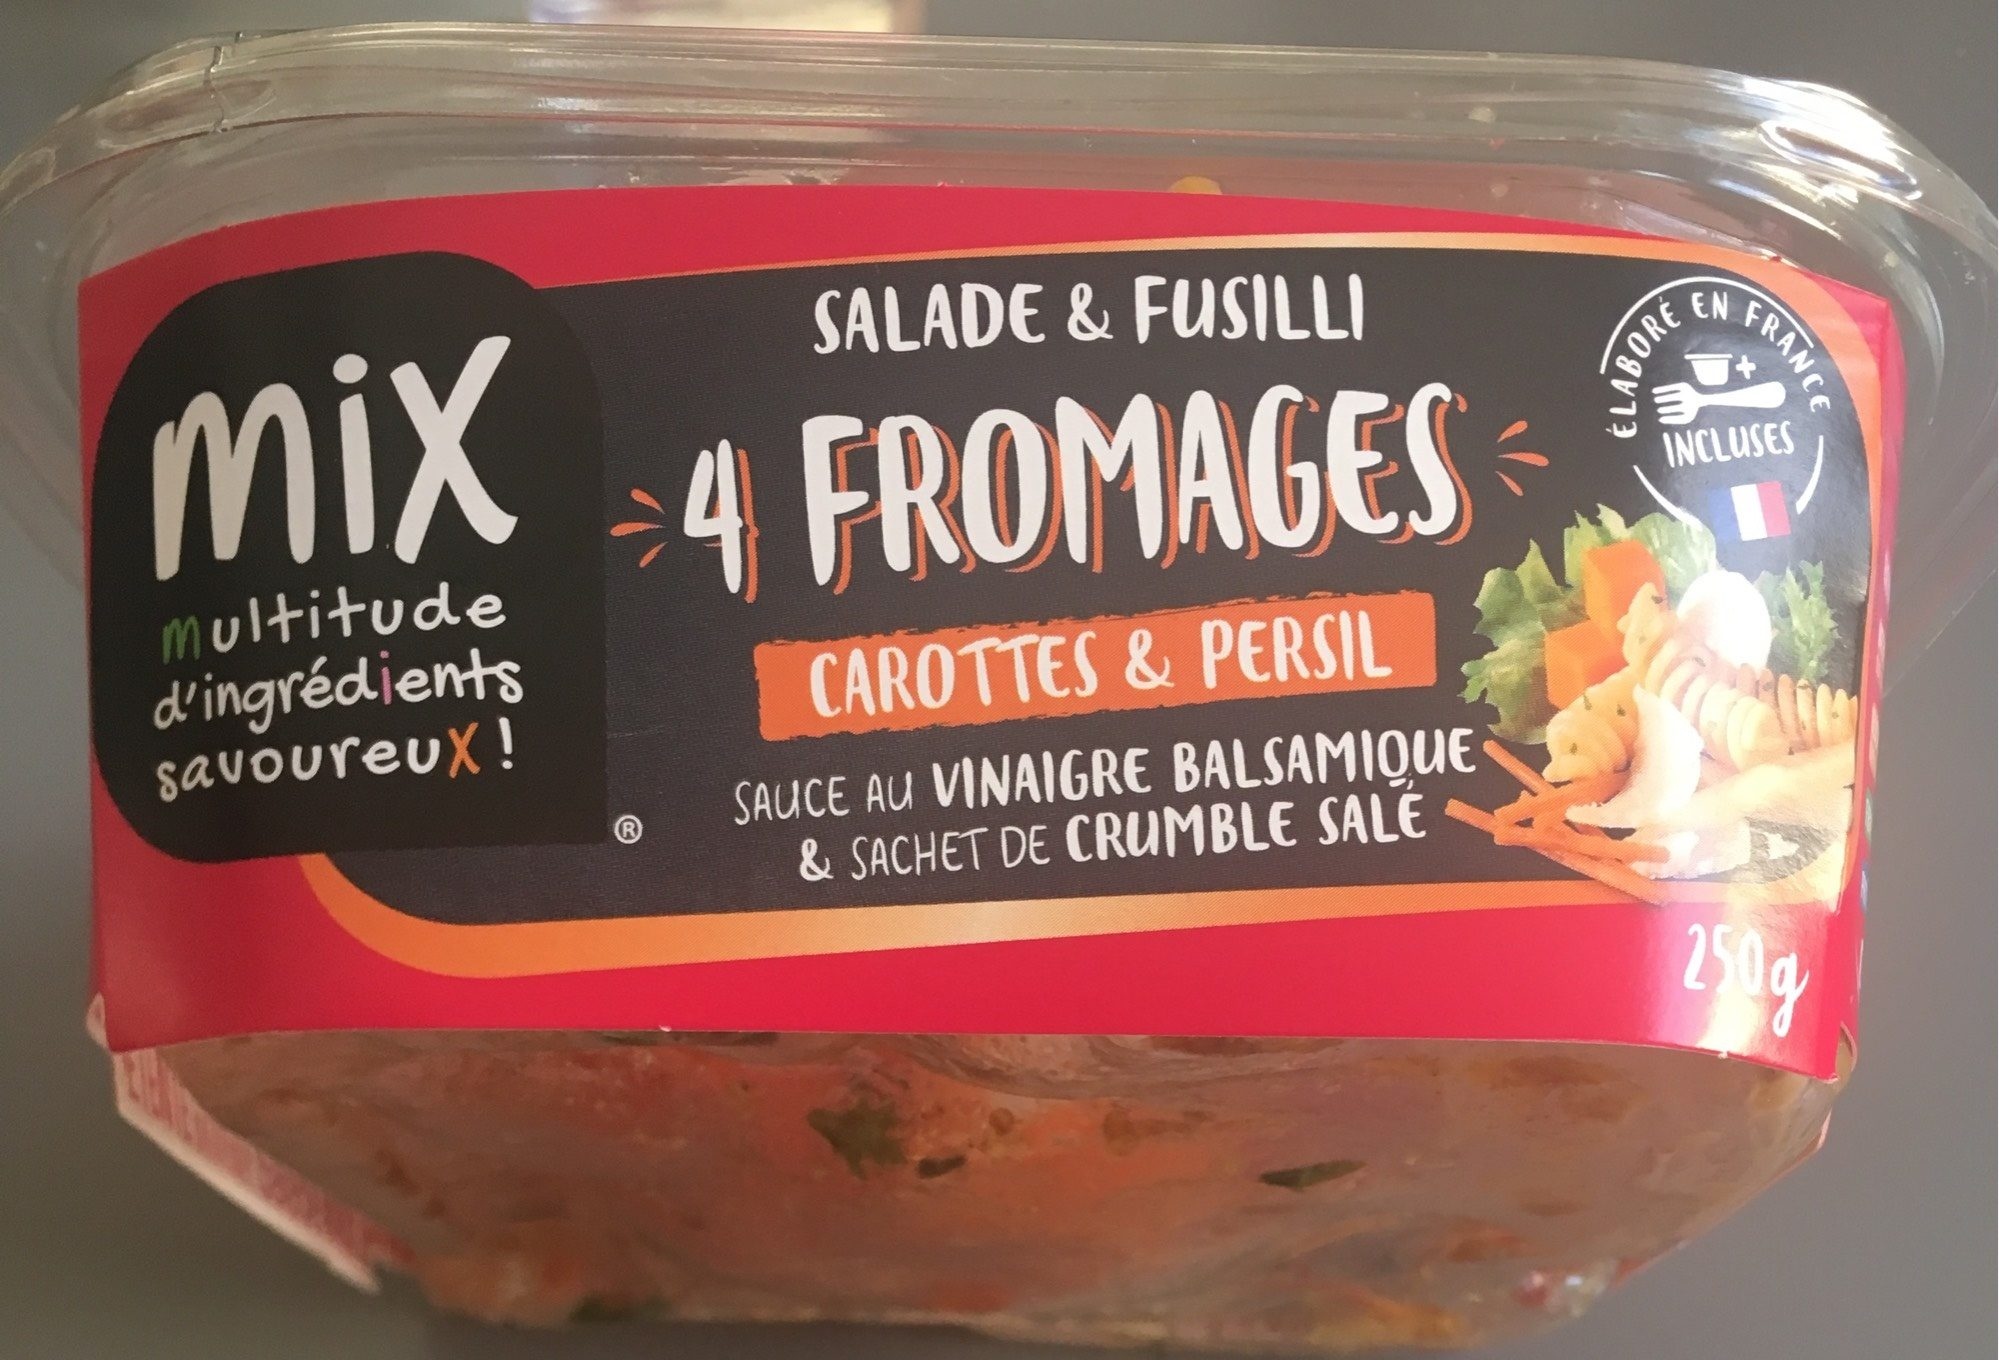 Salade et fusilli 4 fromages - Produit - fr